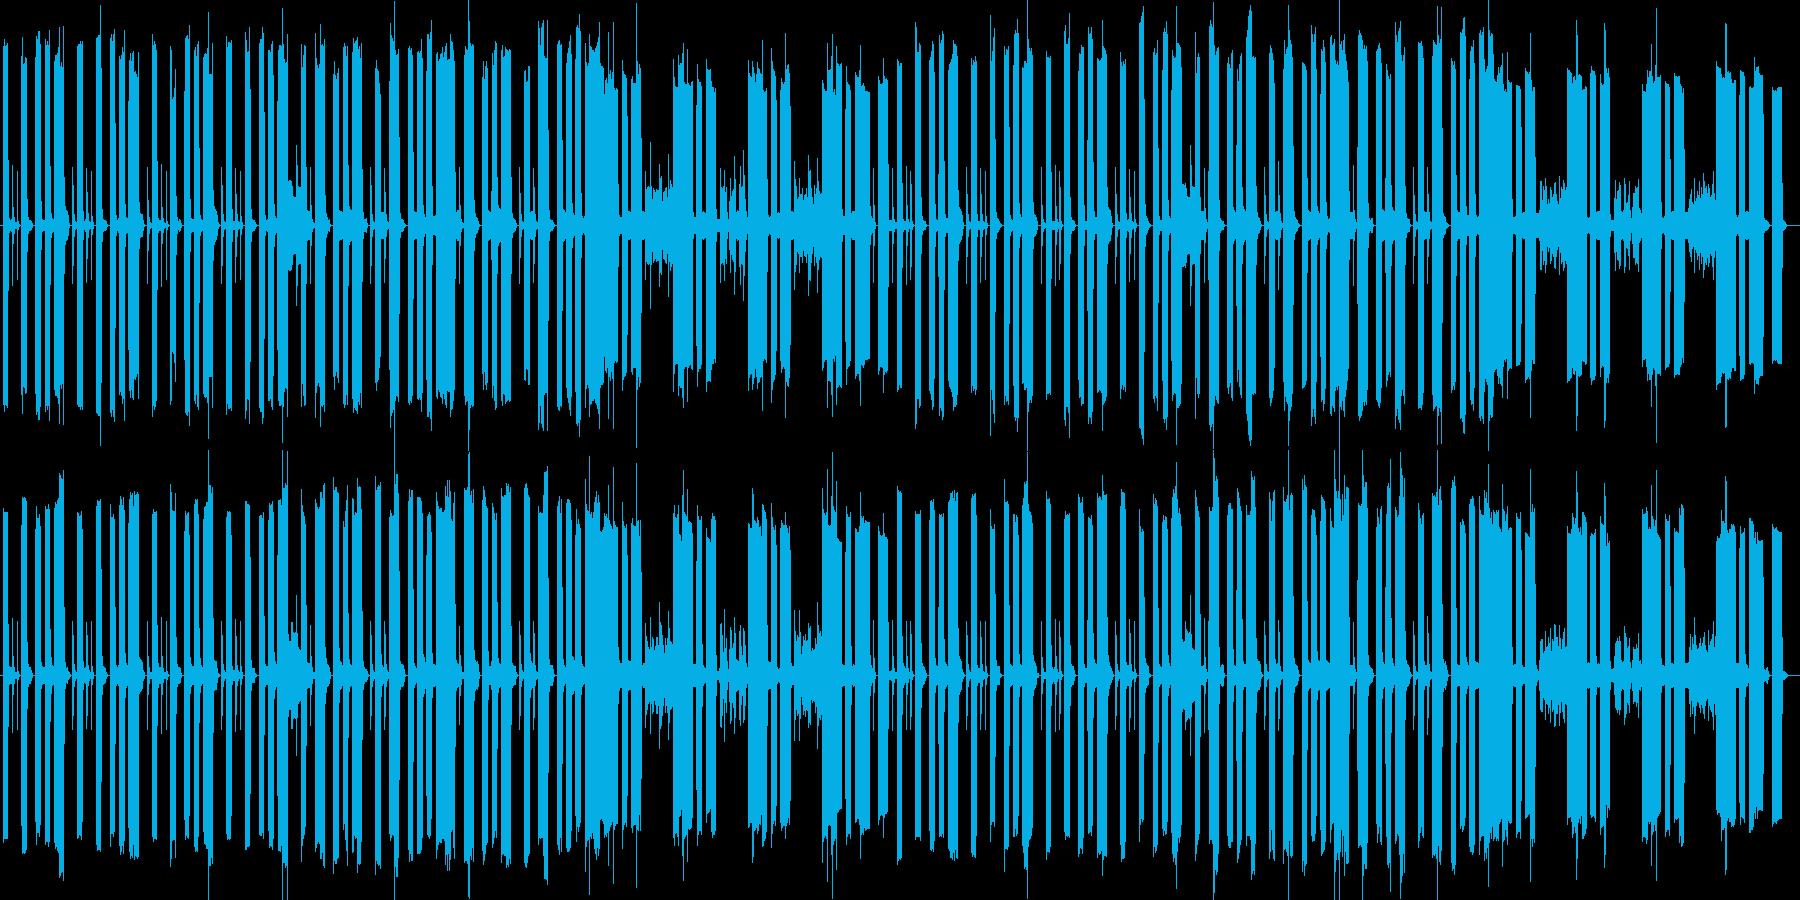 だるい感じを出した楽曲の再生済みの波形